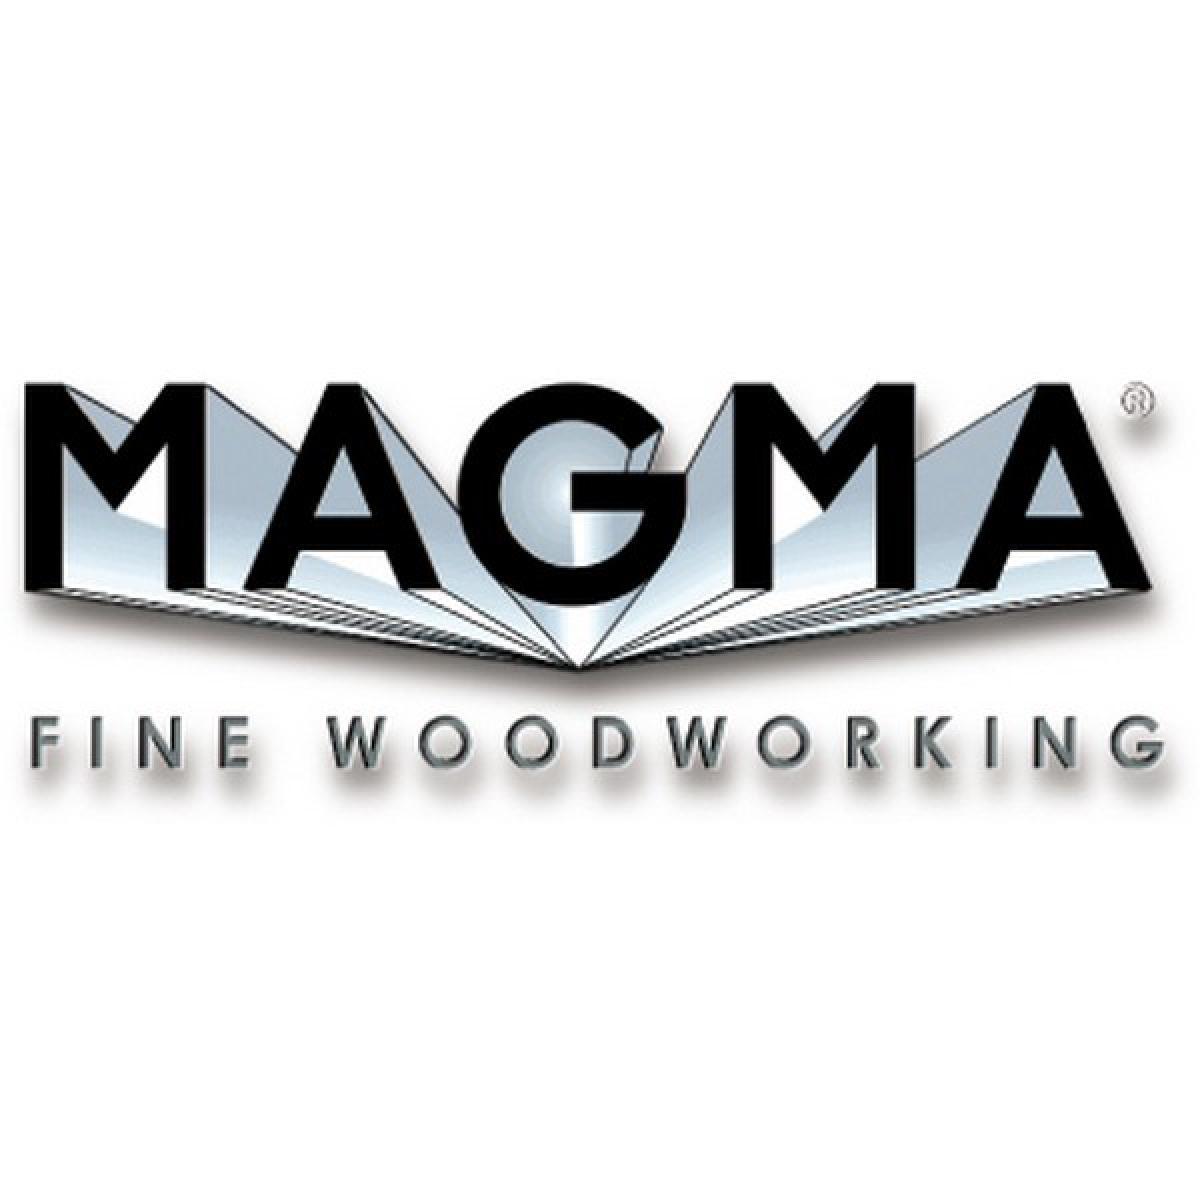 Magma Lame de rechange, pour scie japonaise Ryoba à poignée plastique et à lame de scie rabattable, longueur de lame 240 mm, É